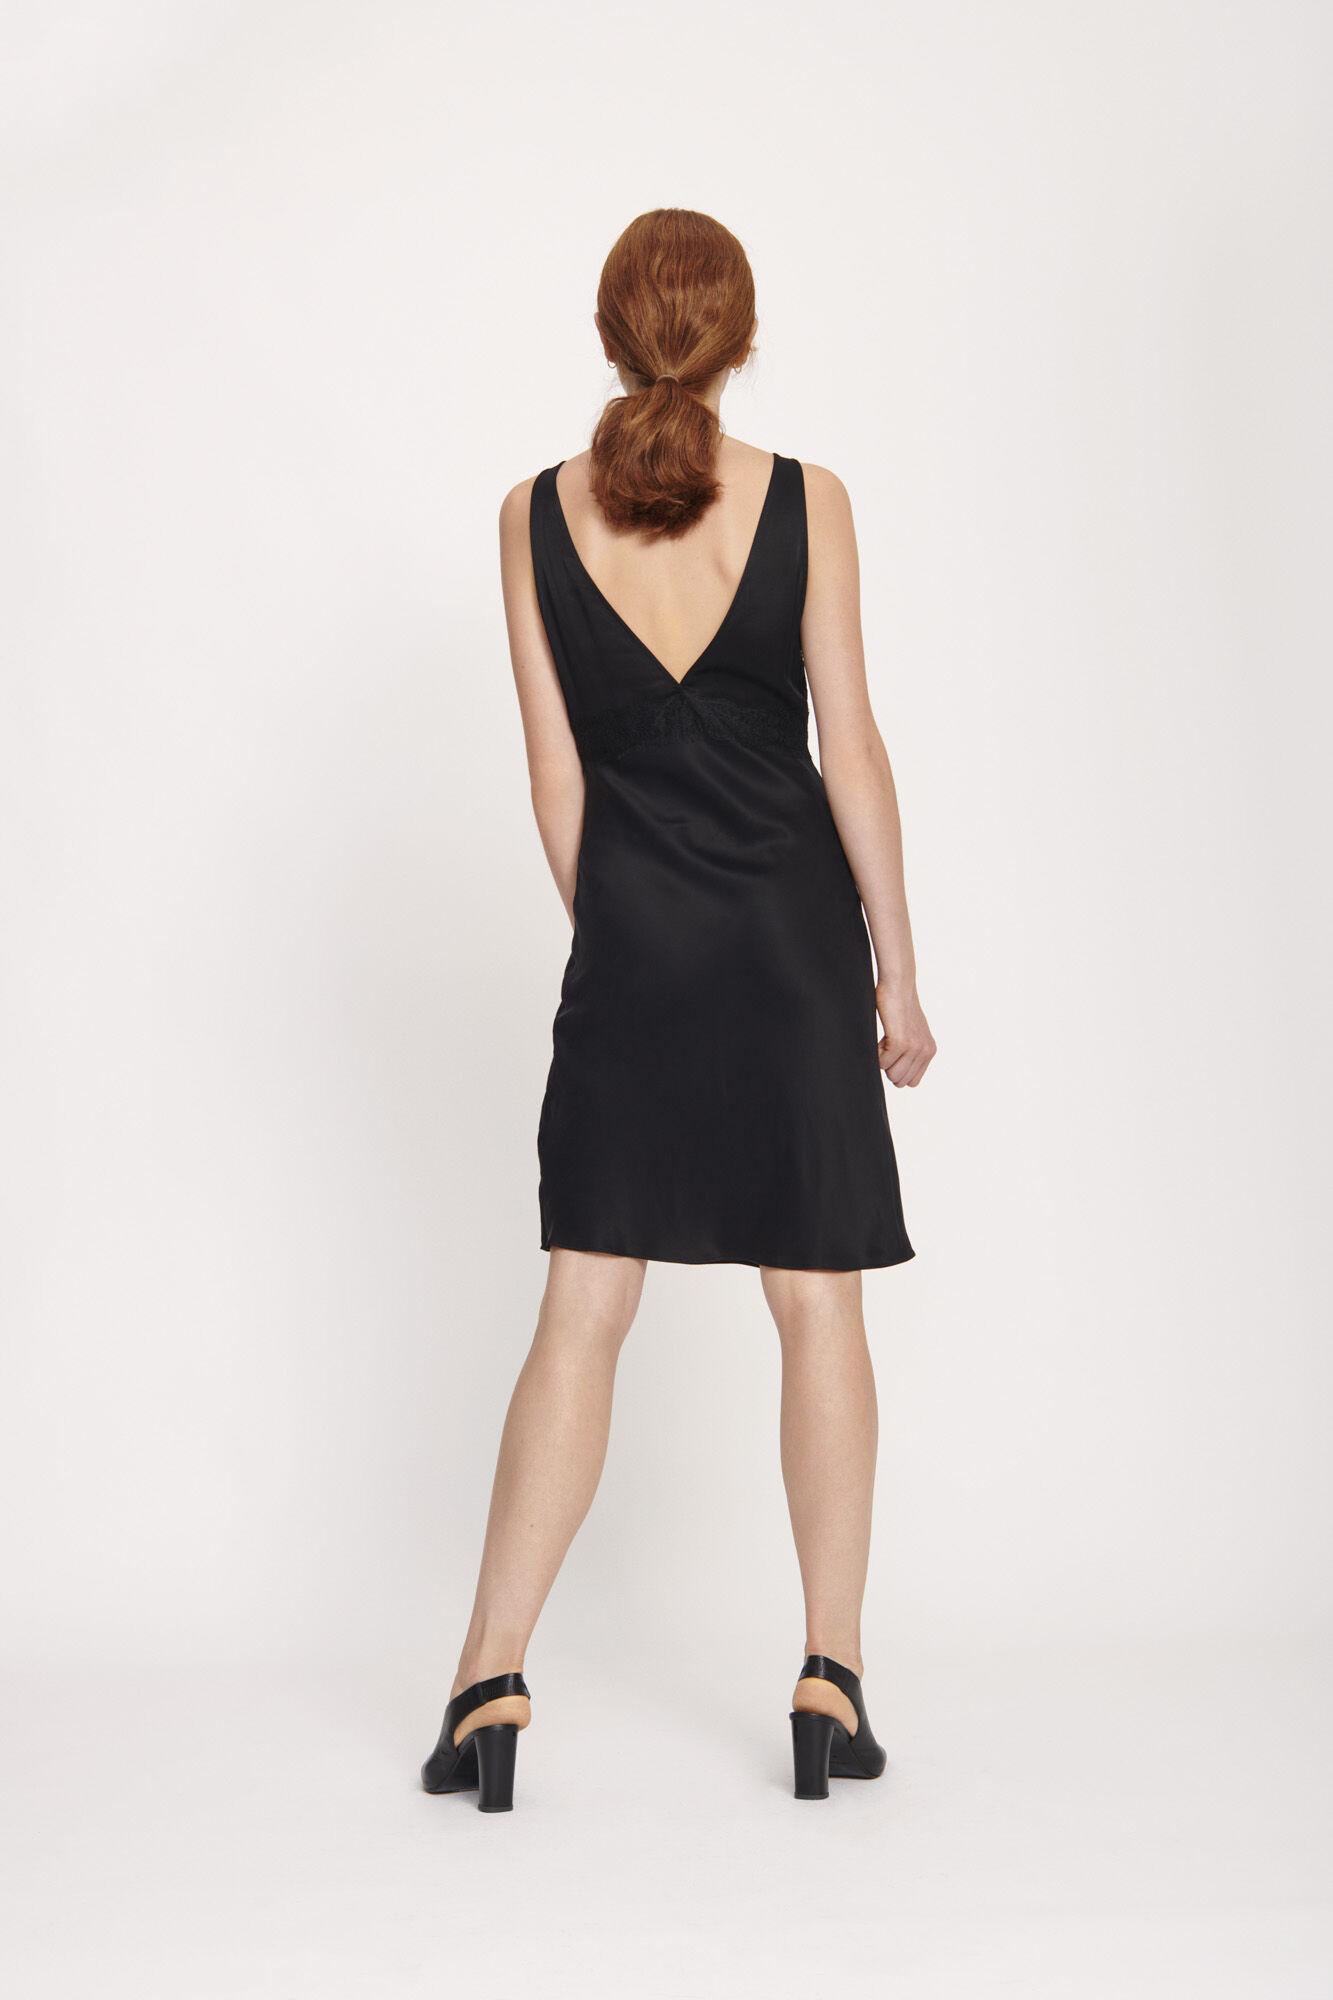 d5c3c5638a6d Cornelia s dress 10800